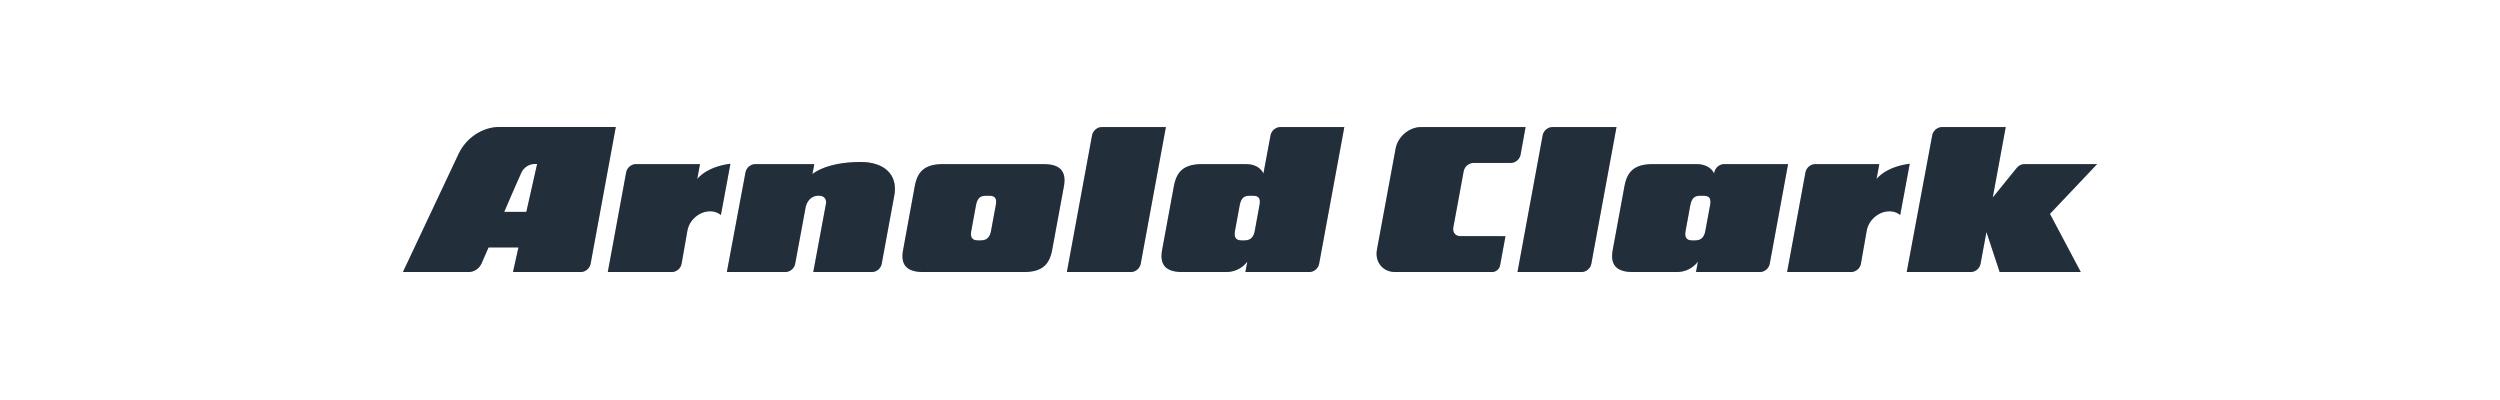 Arnold Clark Logo